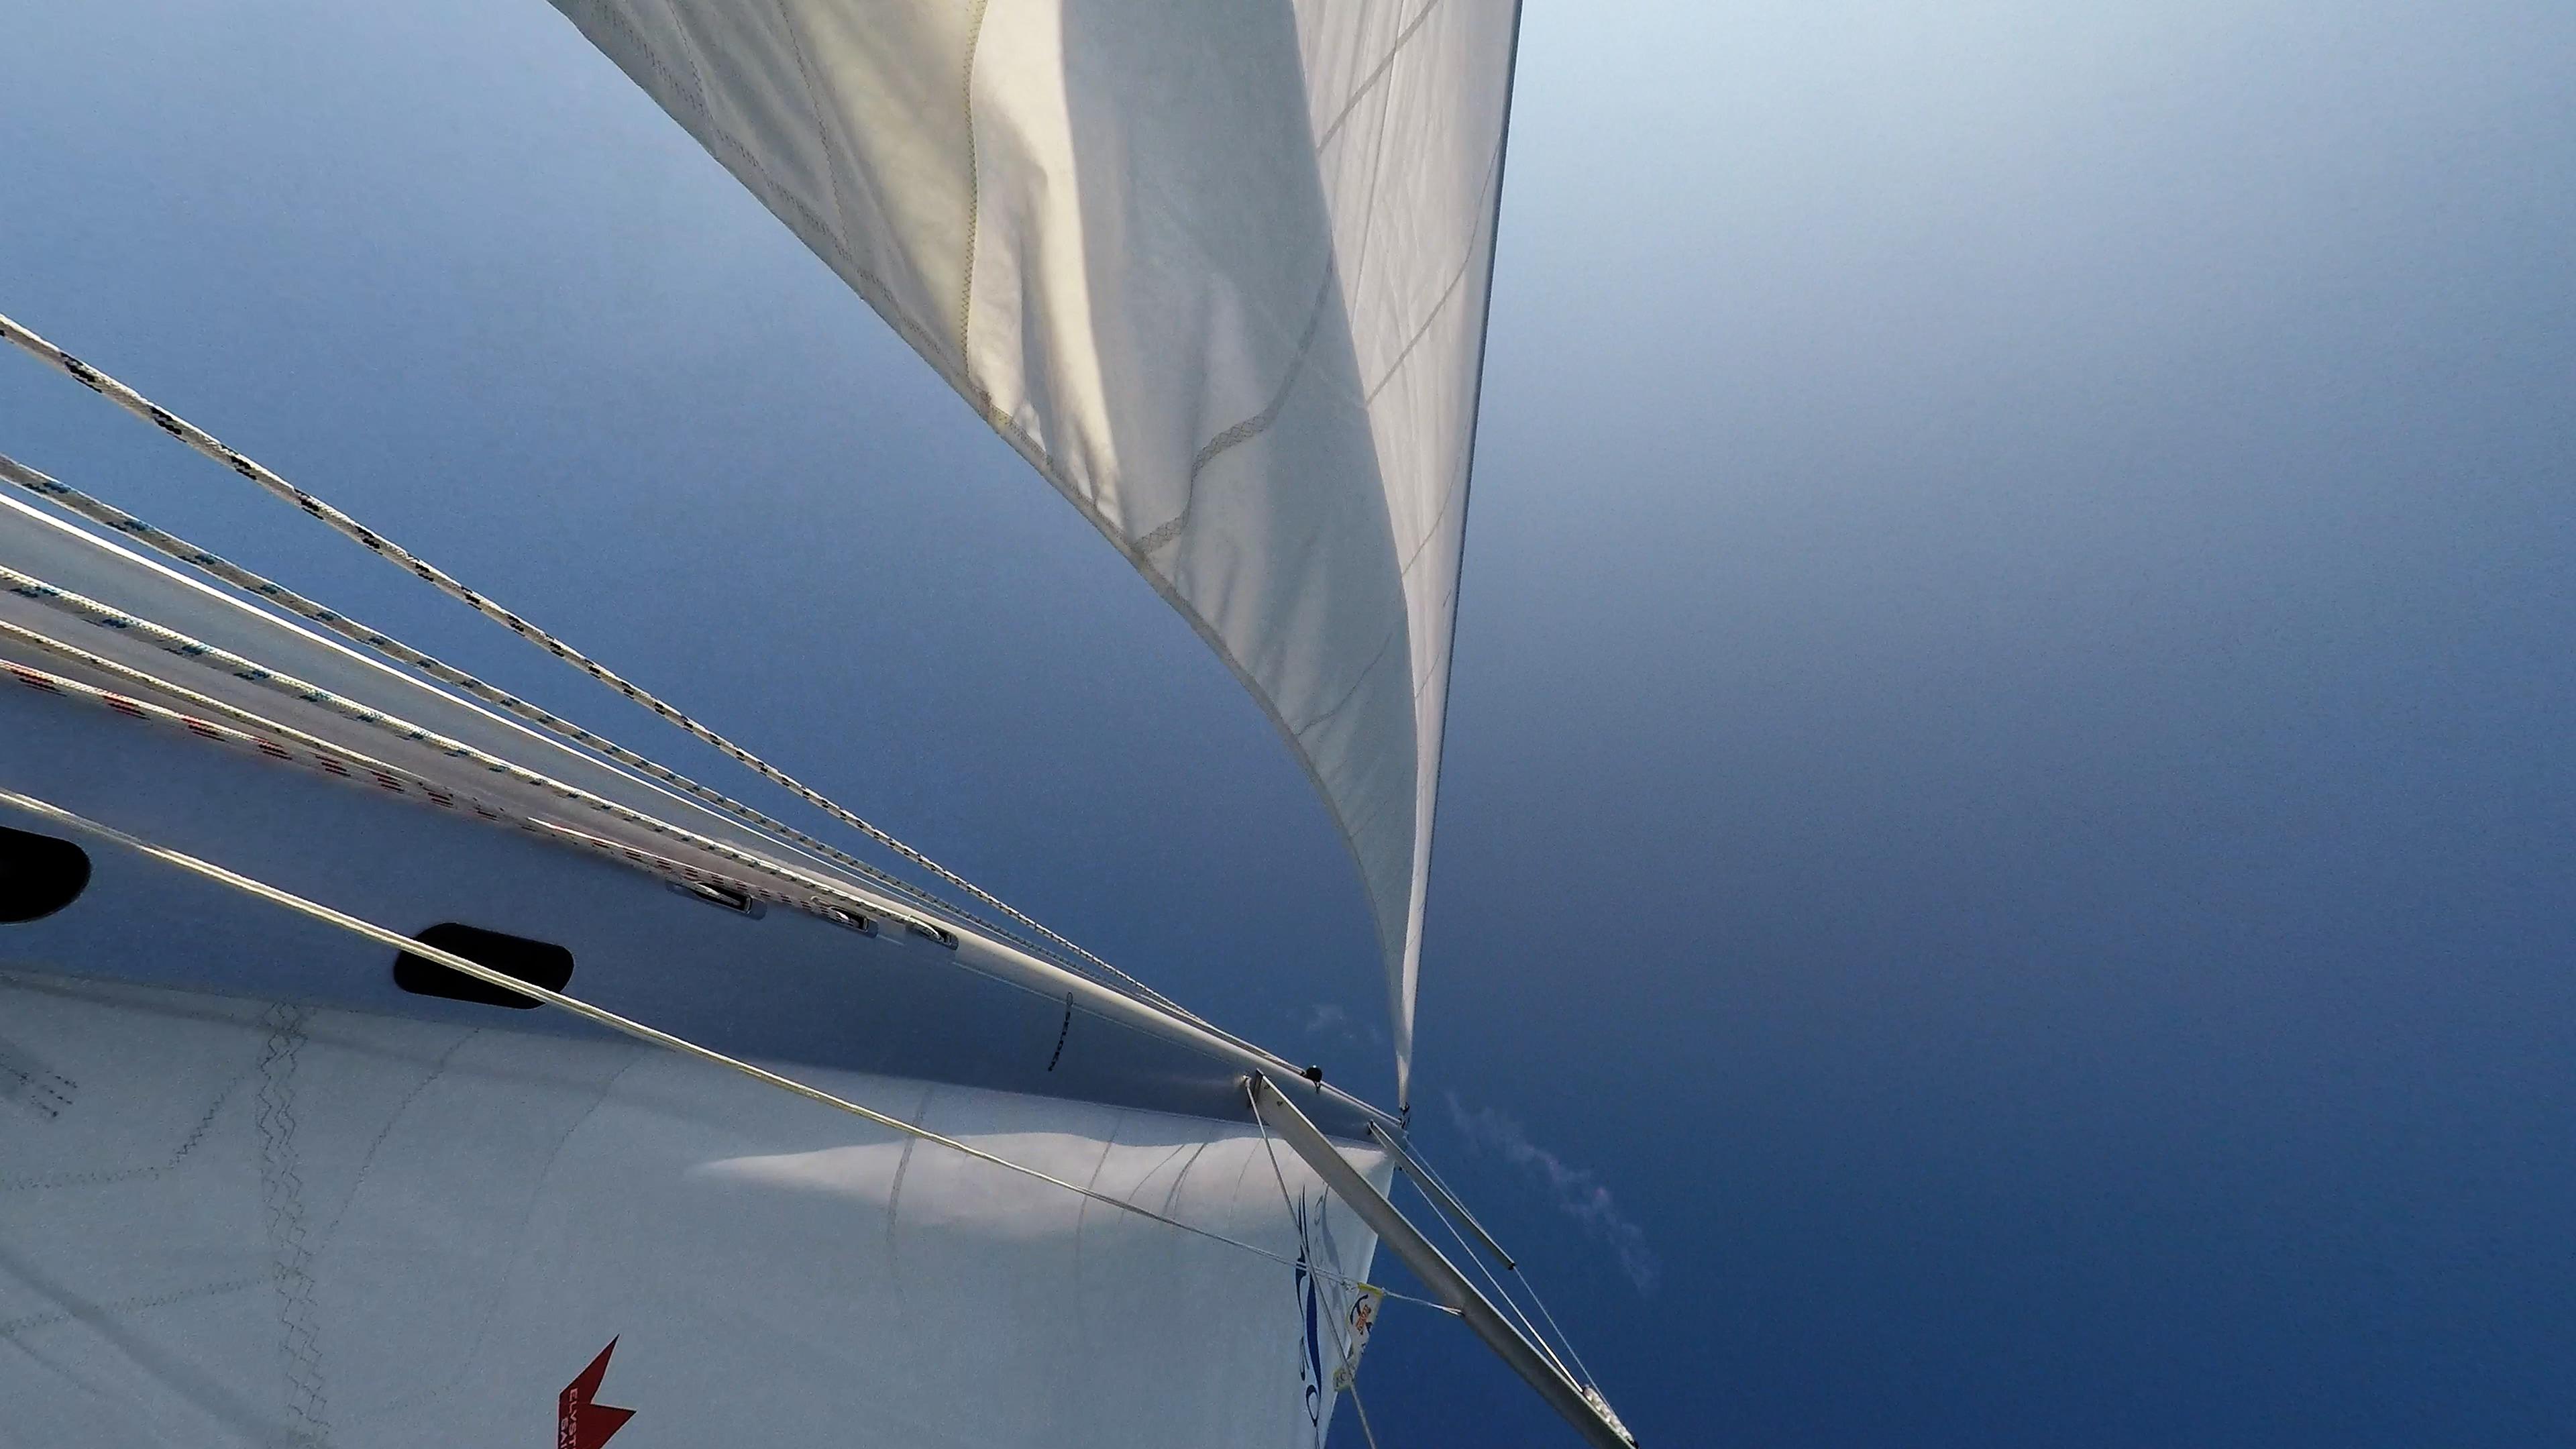 barcha a vela barca a vela albero sartiame vele cielo blu